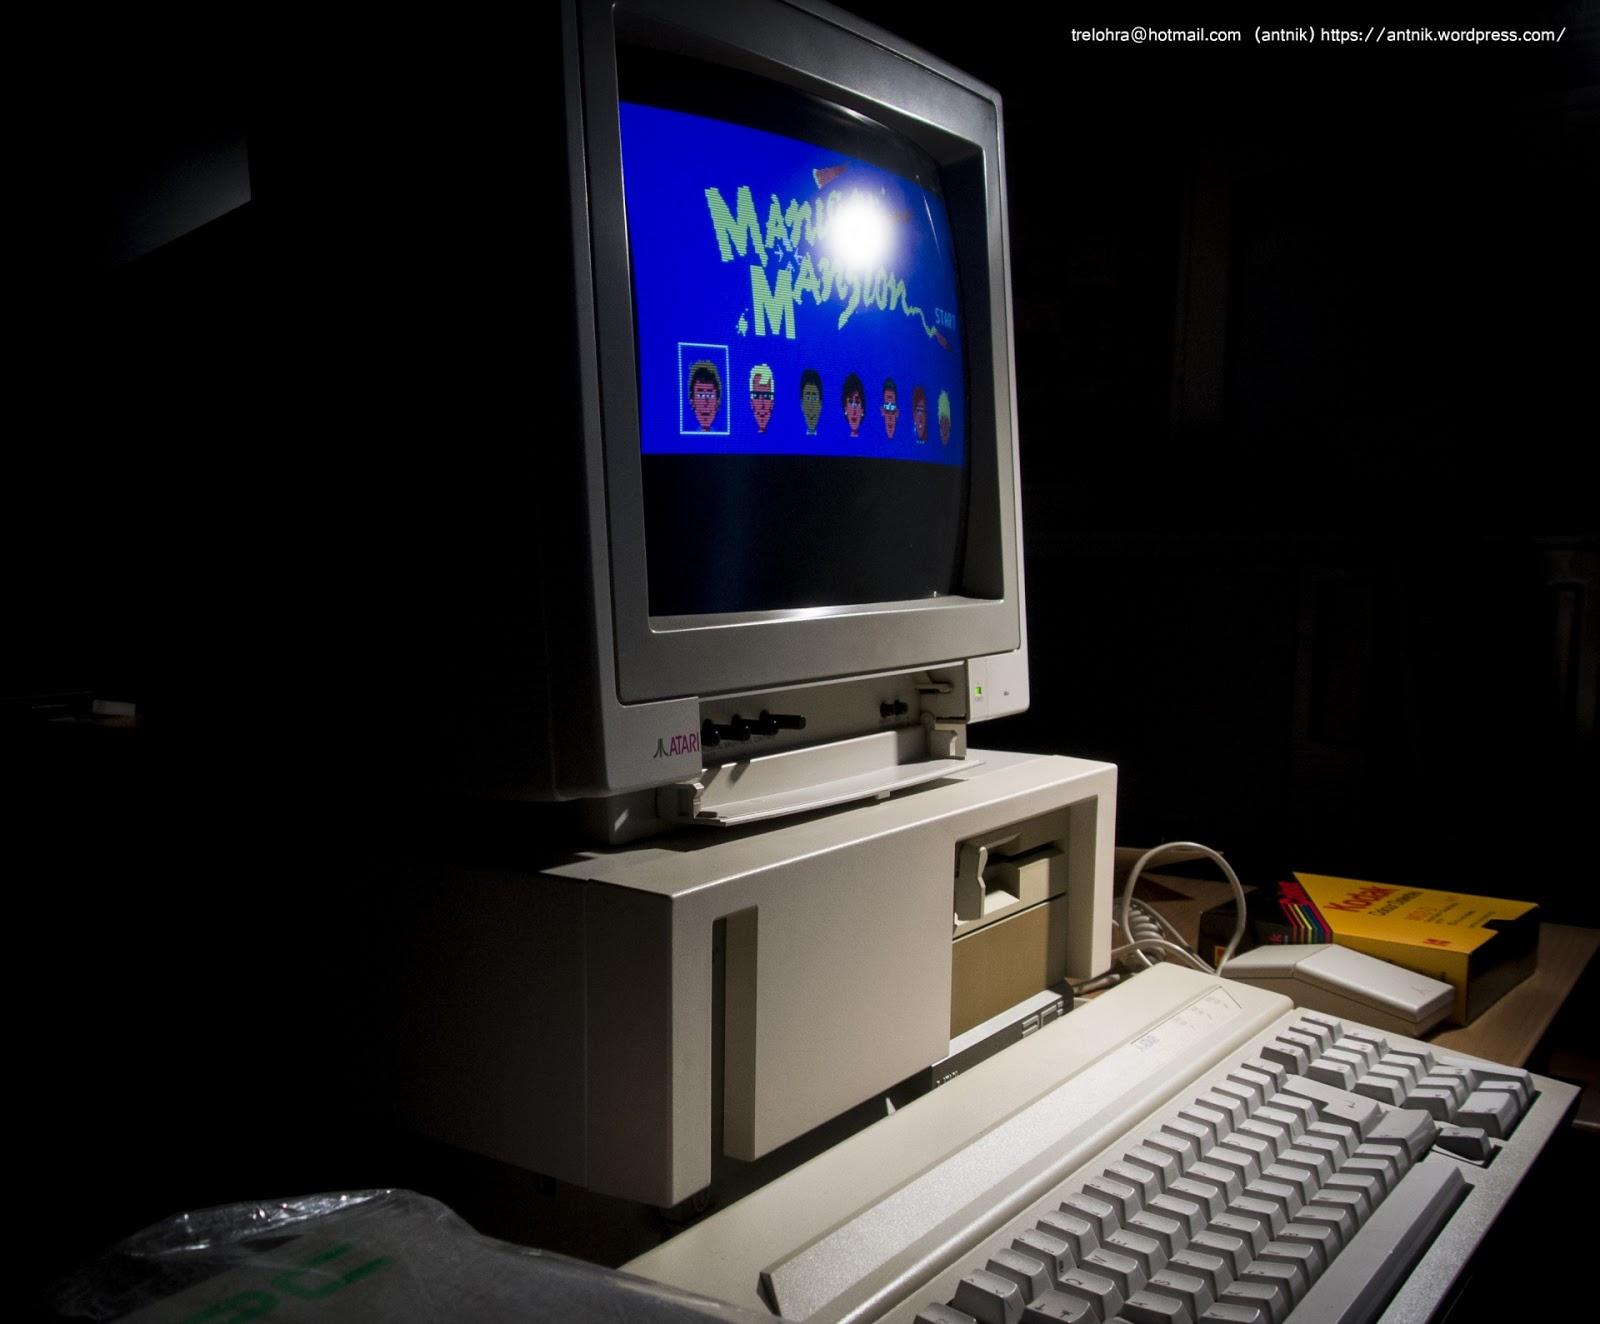 Atari 83 Key XT P C  Keyboard Atari